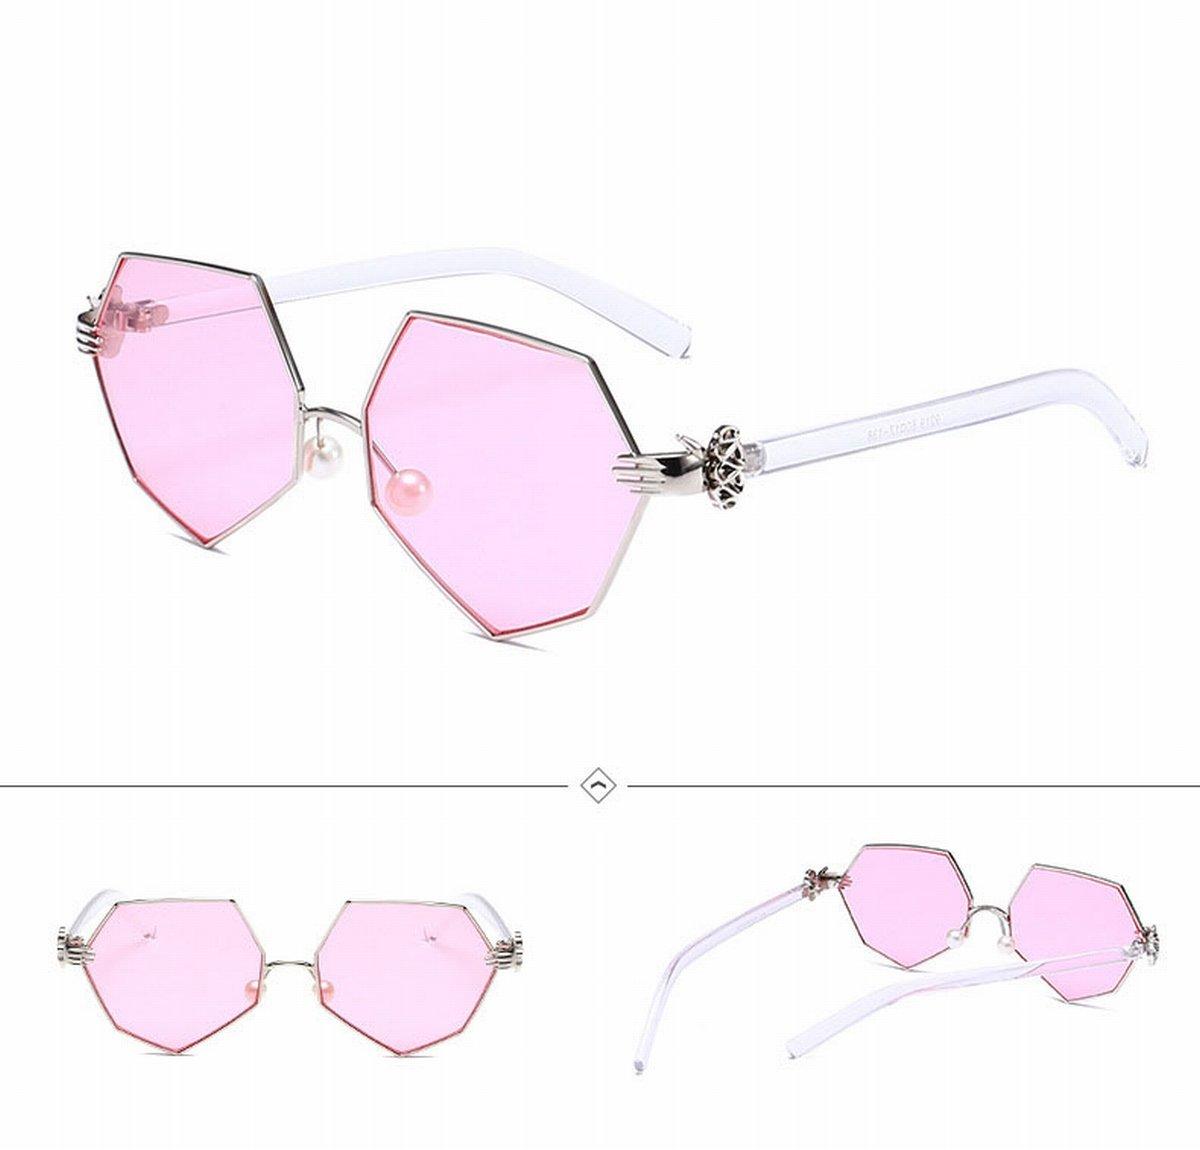 Sonnenbrille Wunderschöne Mehrfarbige Palme Sonnenbrille , Gold-Box Lila Pulver Tabletten